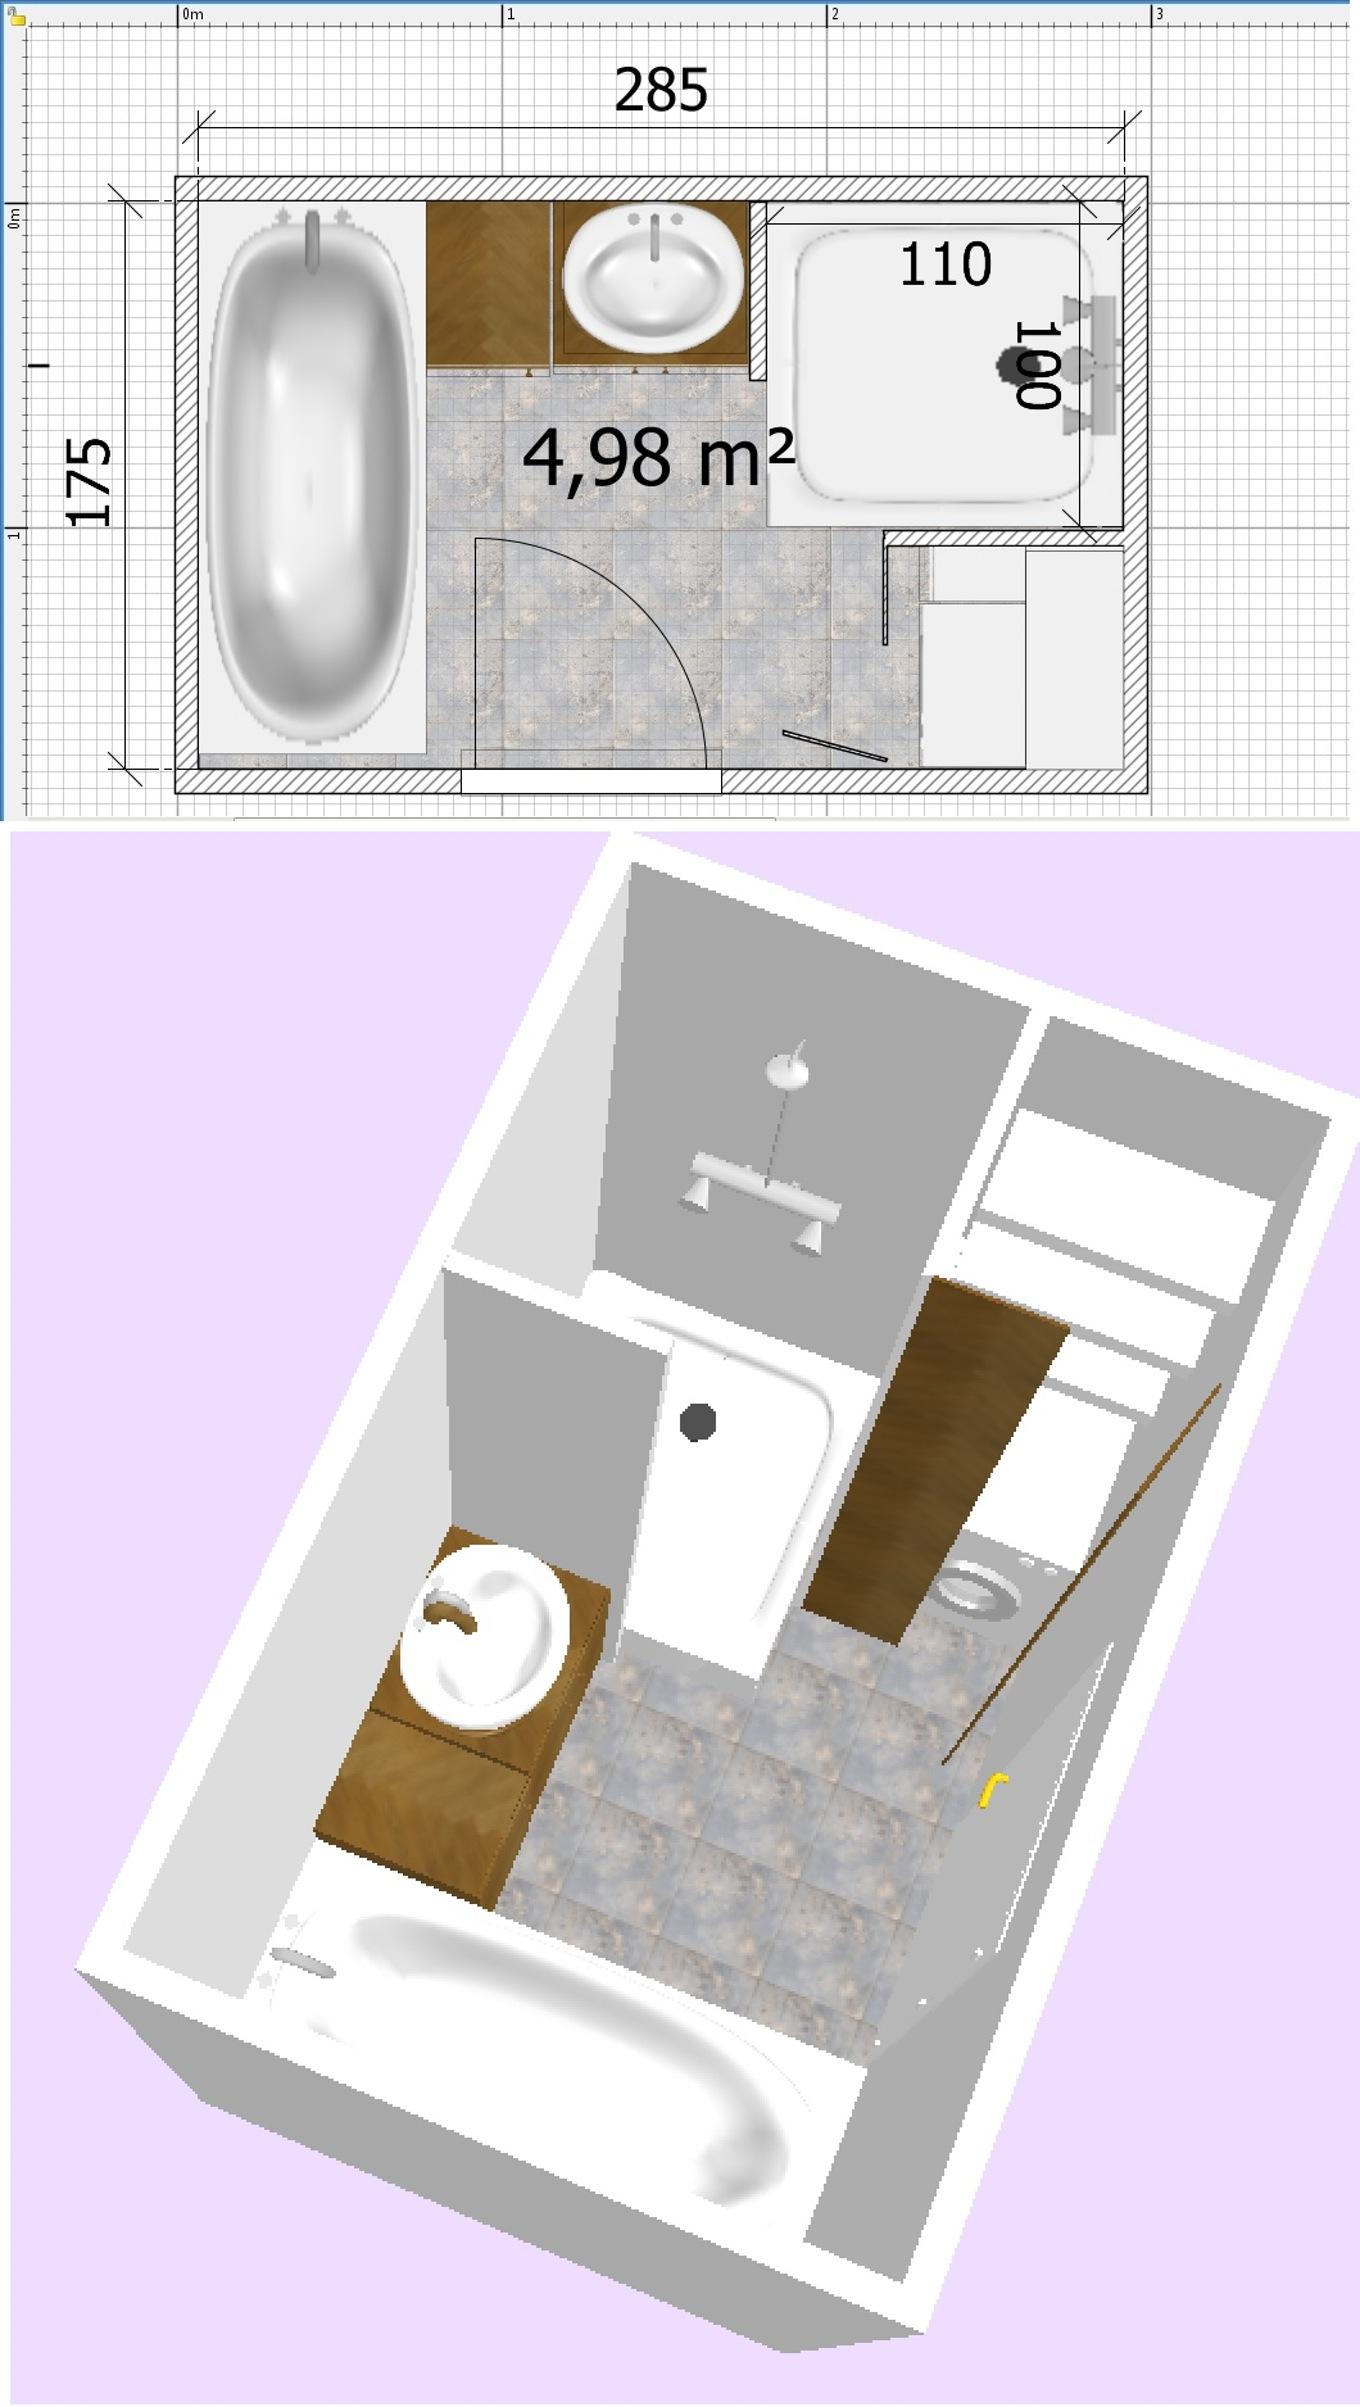 Salle D Eau 5m2 Élégant Galerie Amnager Une Salle De Bain De 5m2 Idees De Dcoration